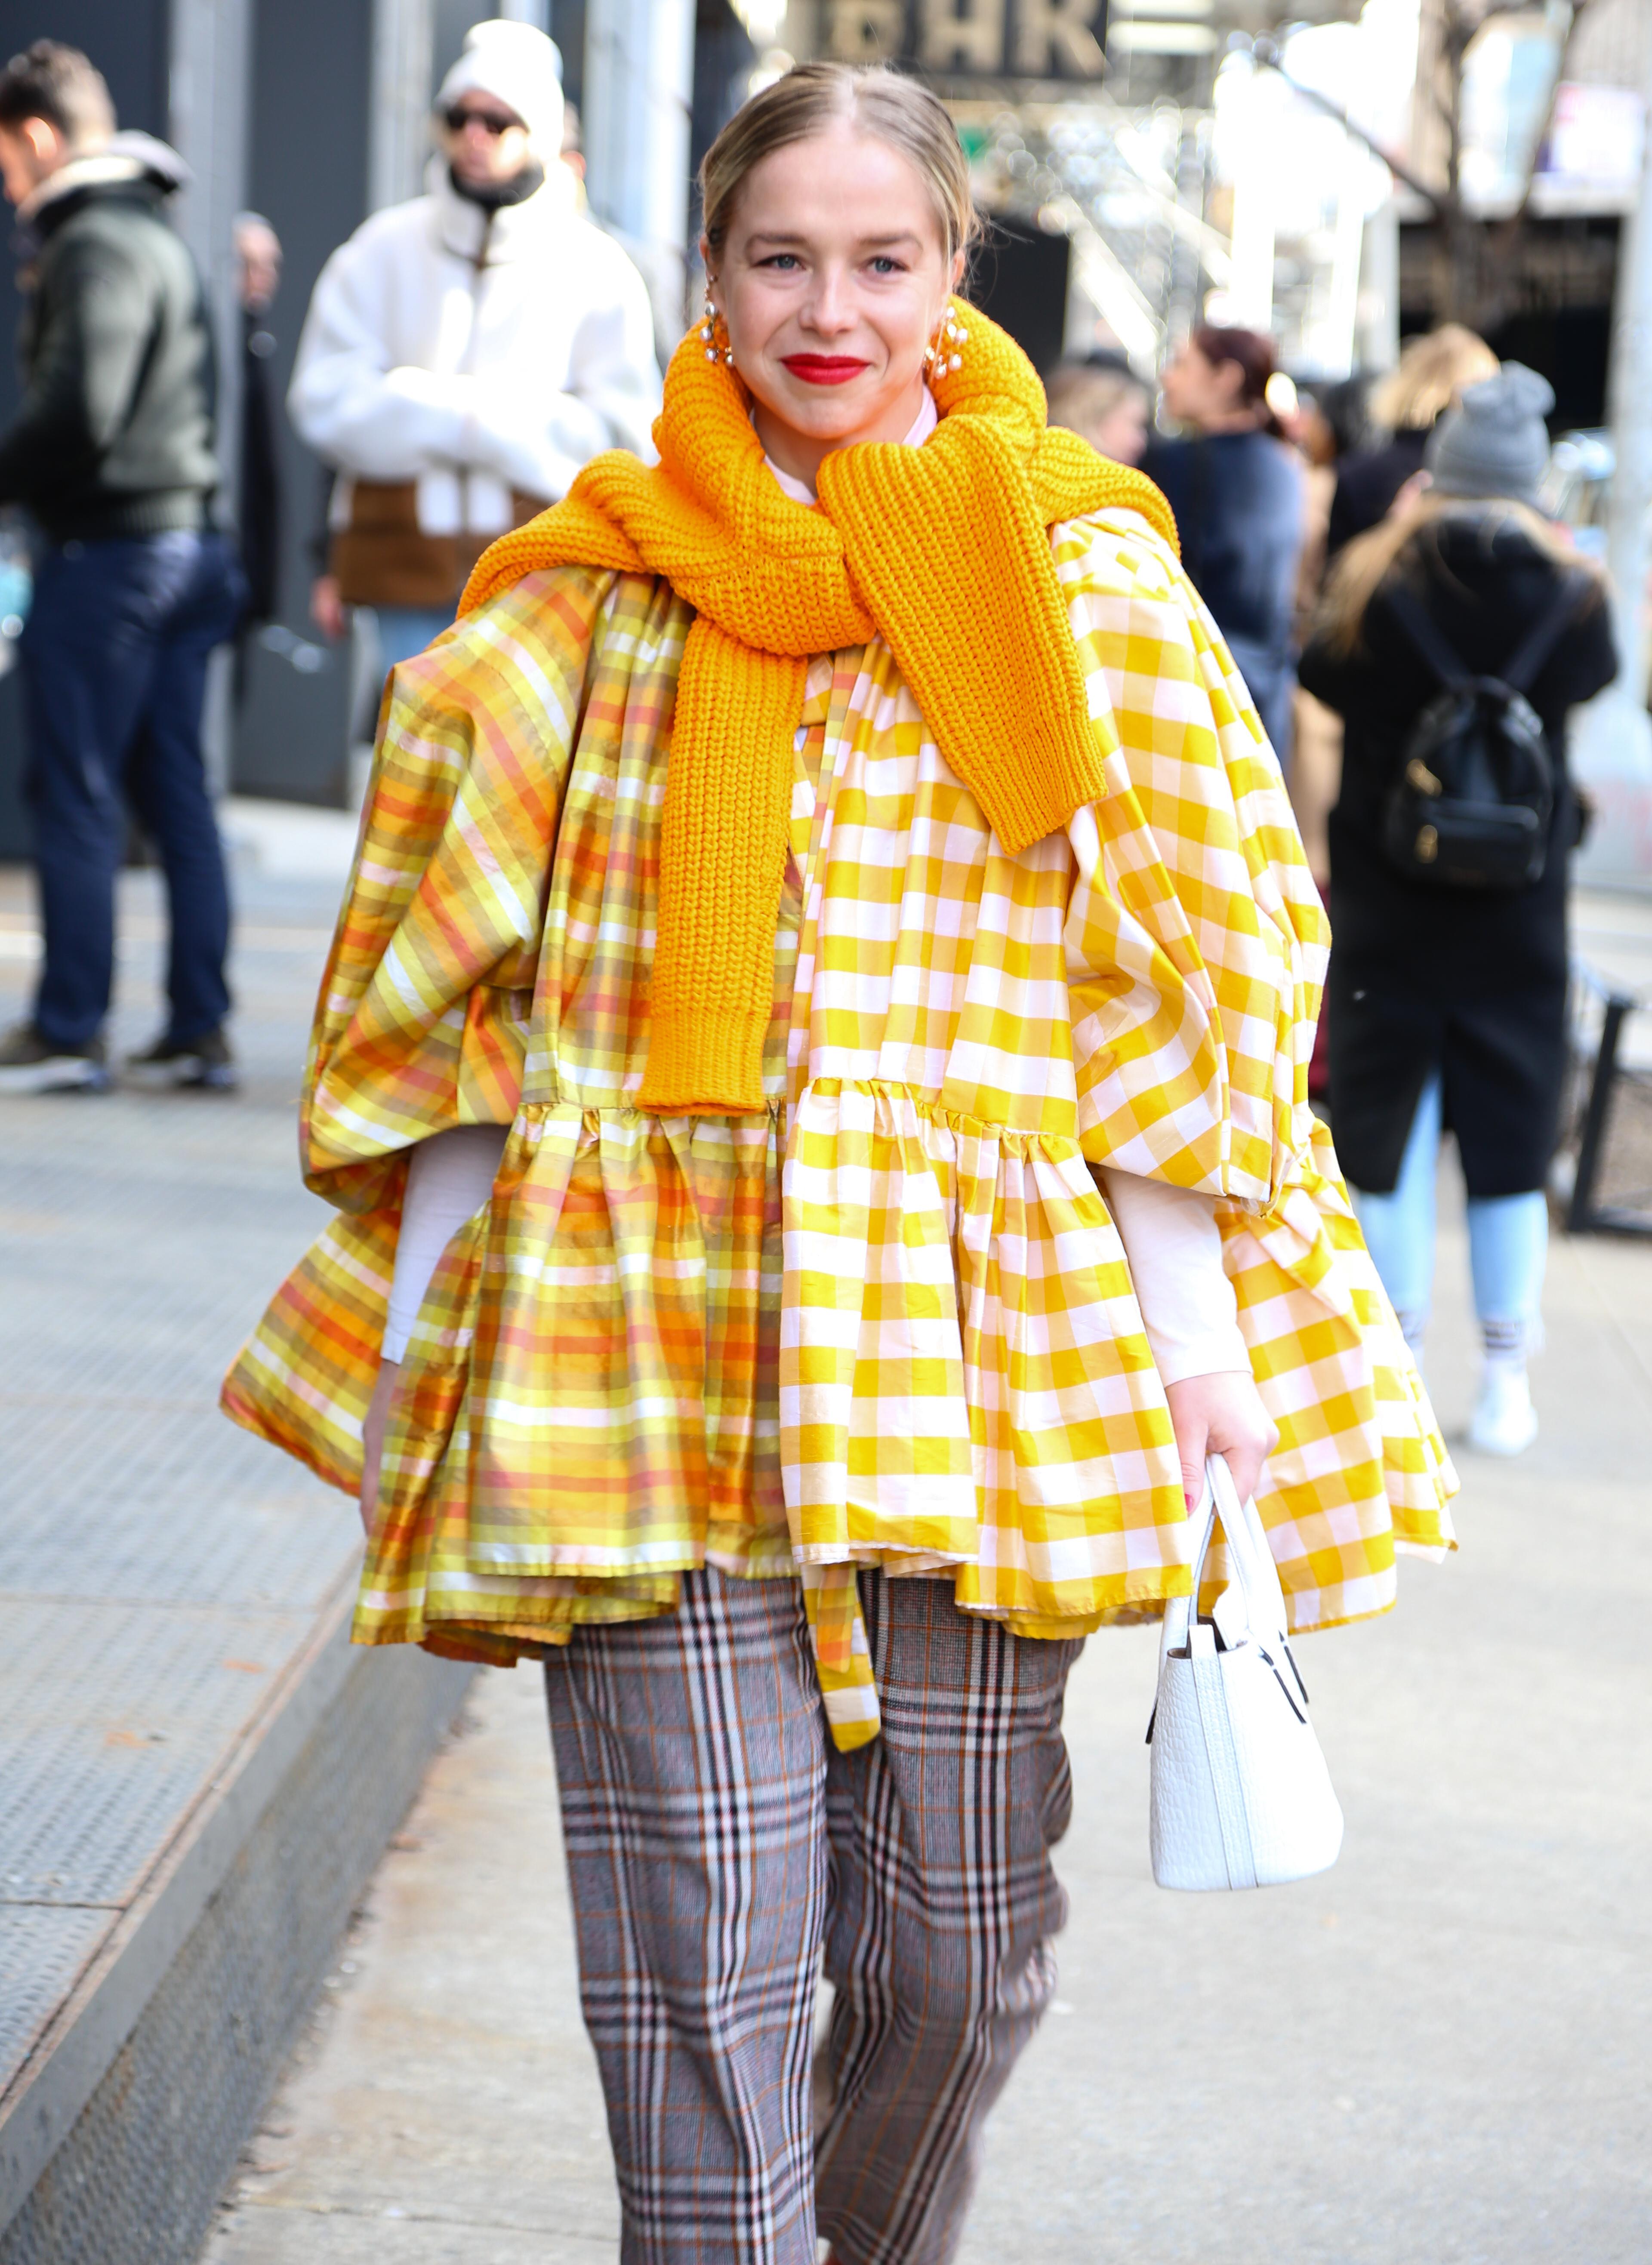 Cuadros alert. Blusa oversized en amarillo y blanco cuadrillé, combinada con pantalón príncipe de gales. Completó su outfit para el NYFW con una gran bufanda tejida